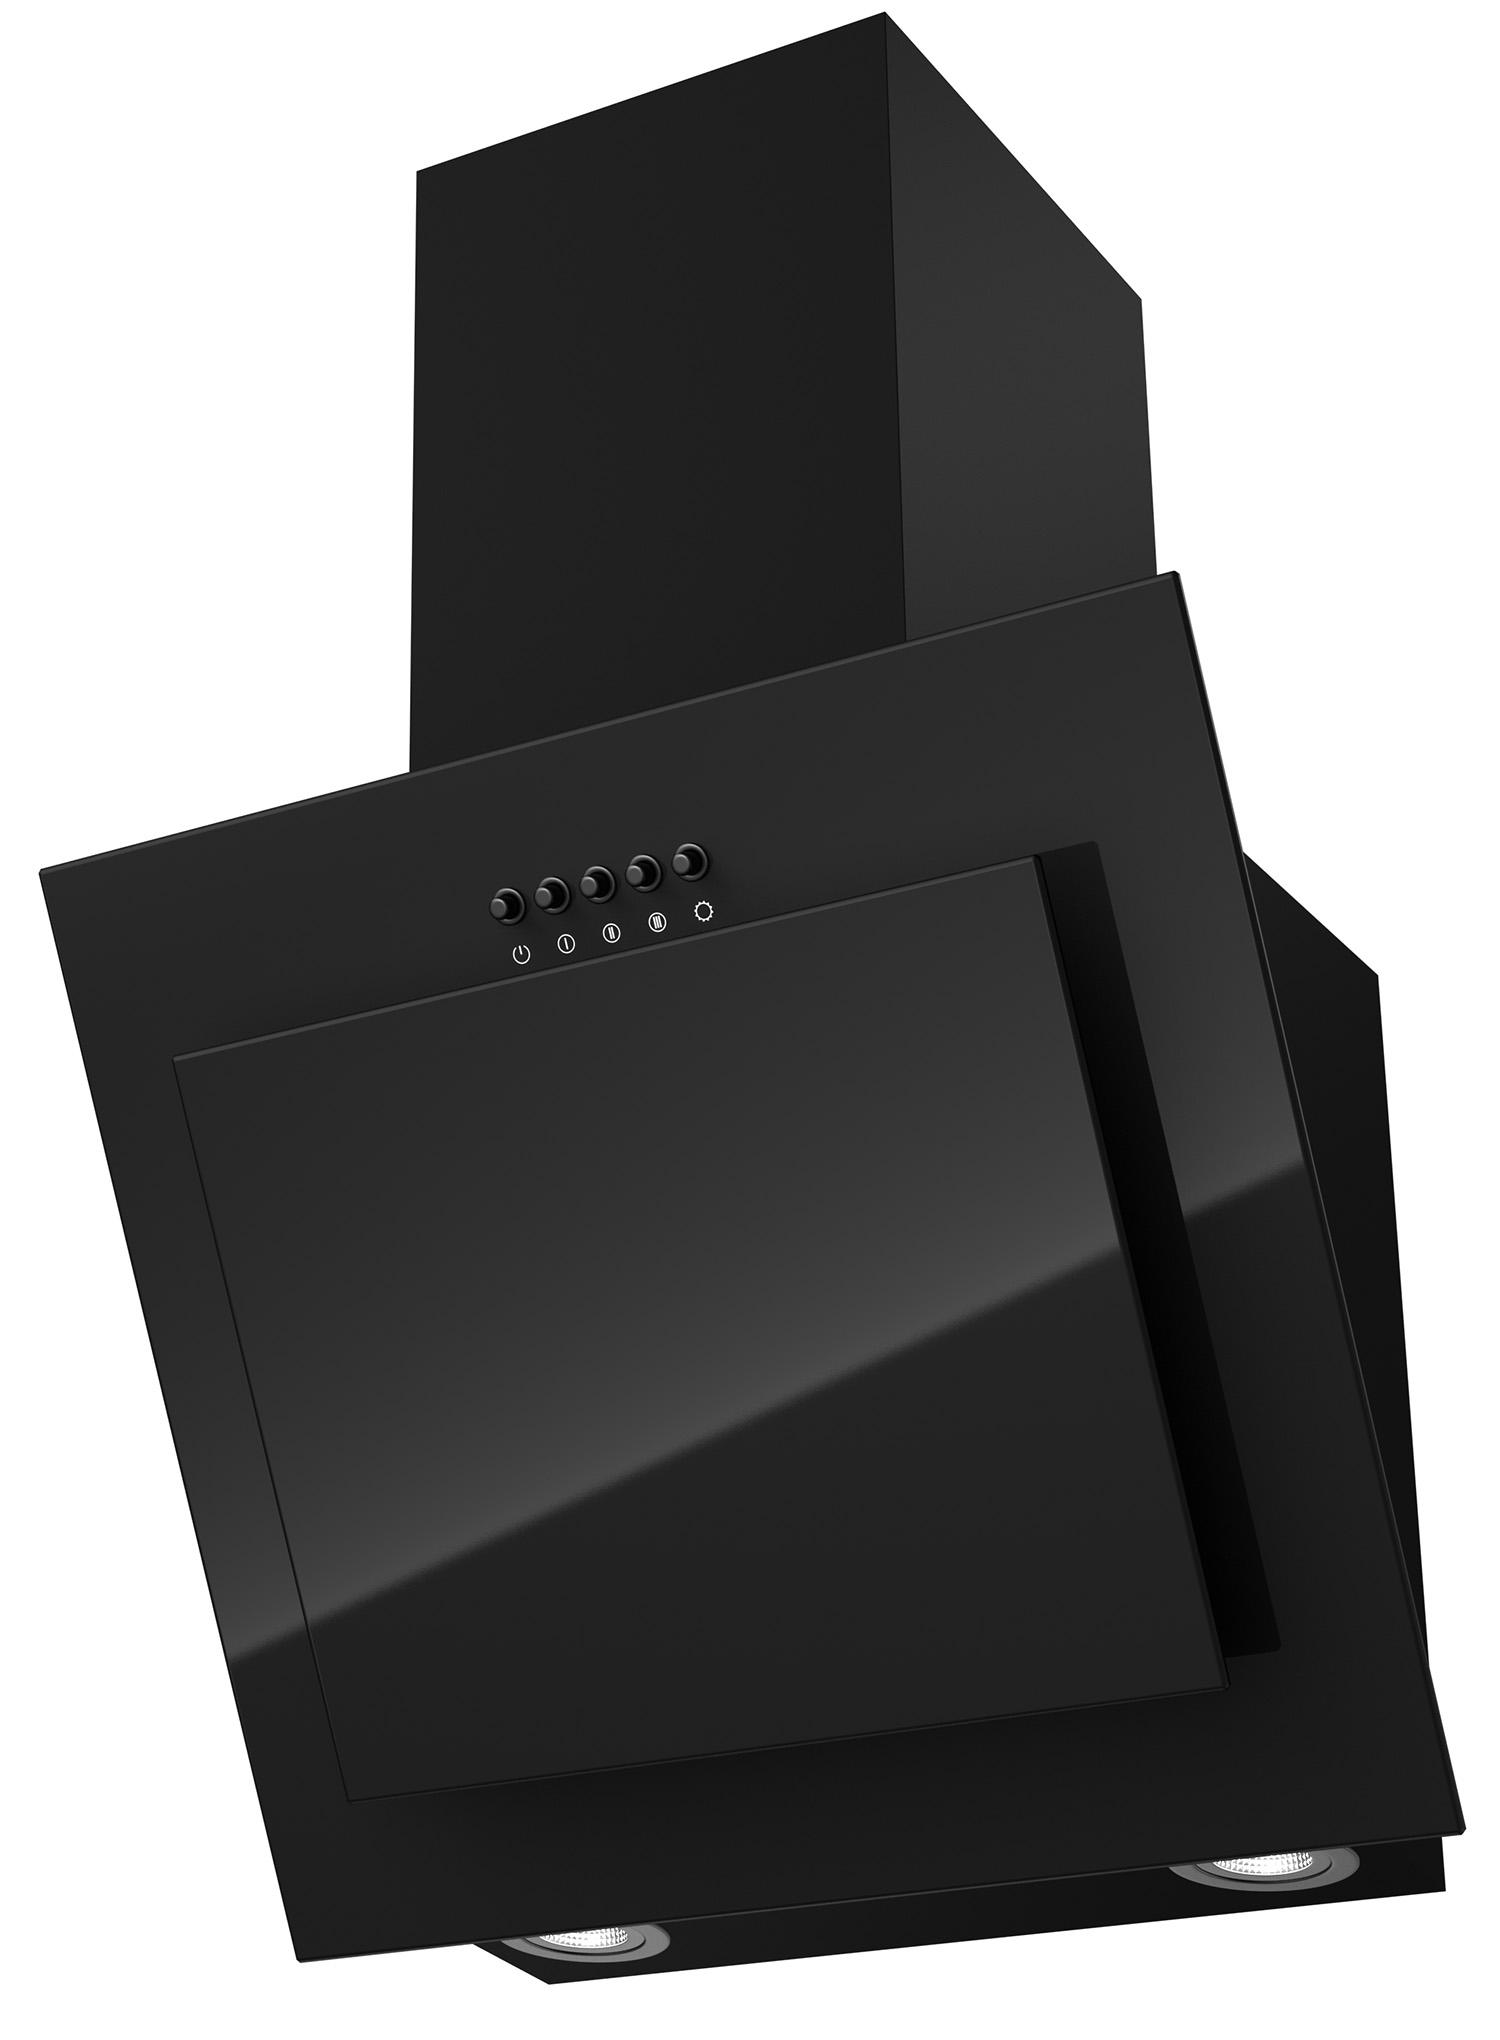 SELIYA 500 black push button, стоимость 11 907 руб.